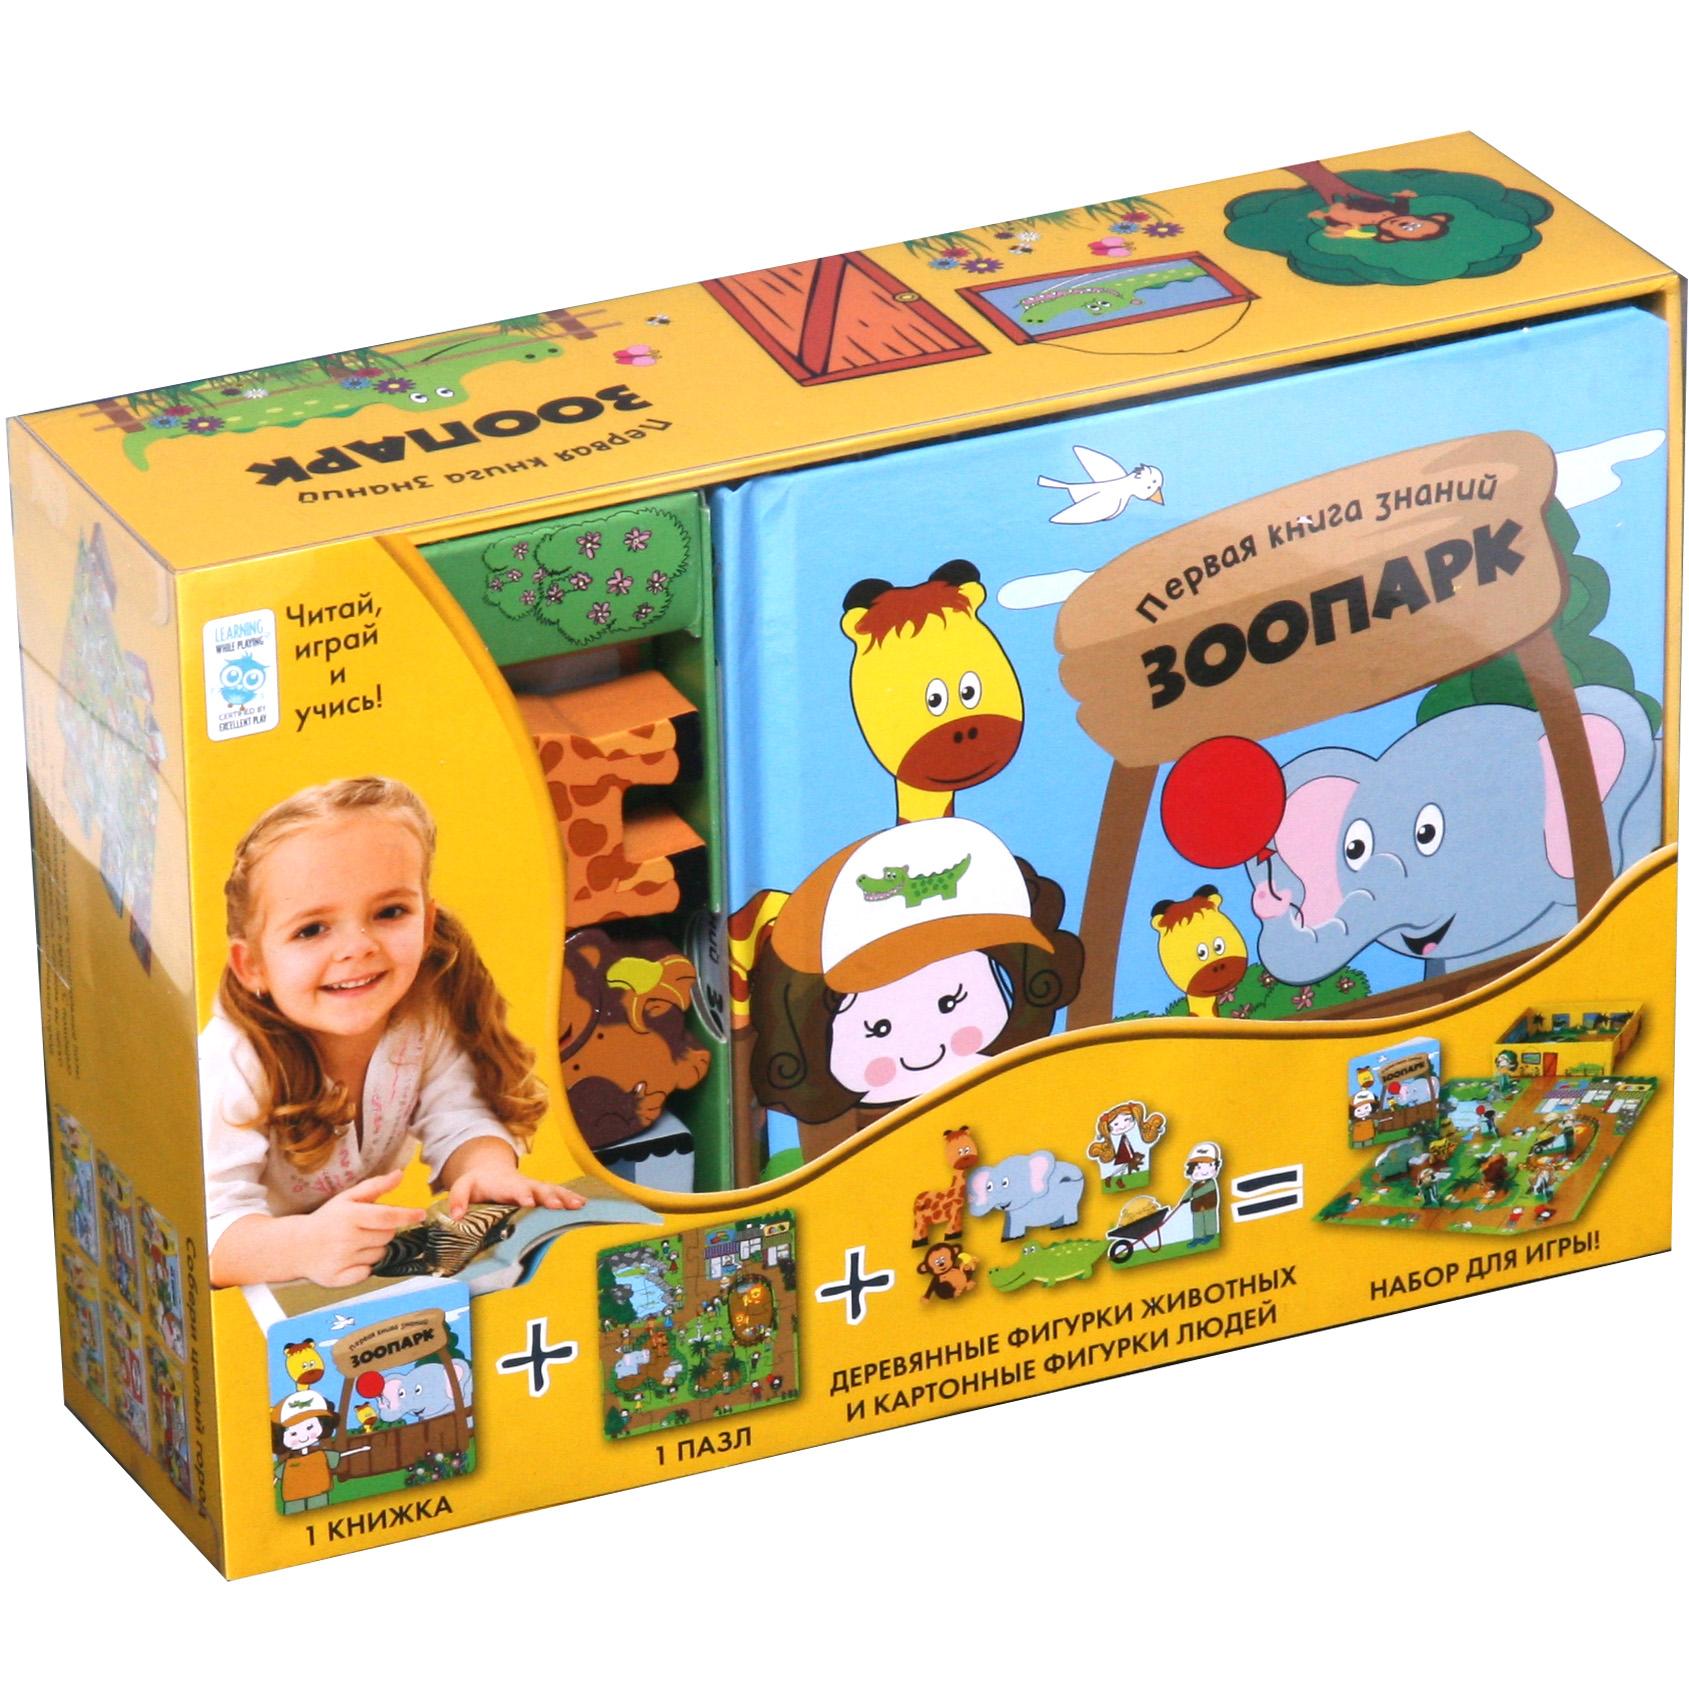 Первая книга знаний. Зоопарк (+ набор для игры) mag2000 деревянные фигурки 6 шт